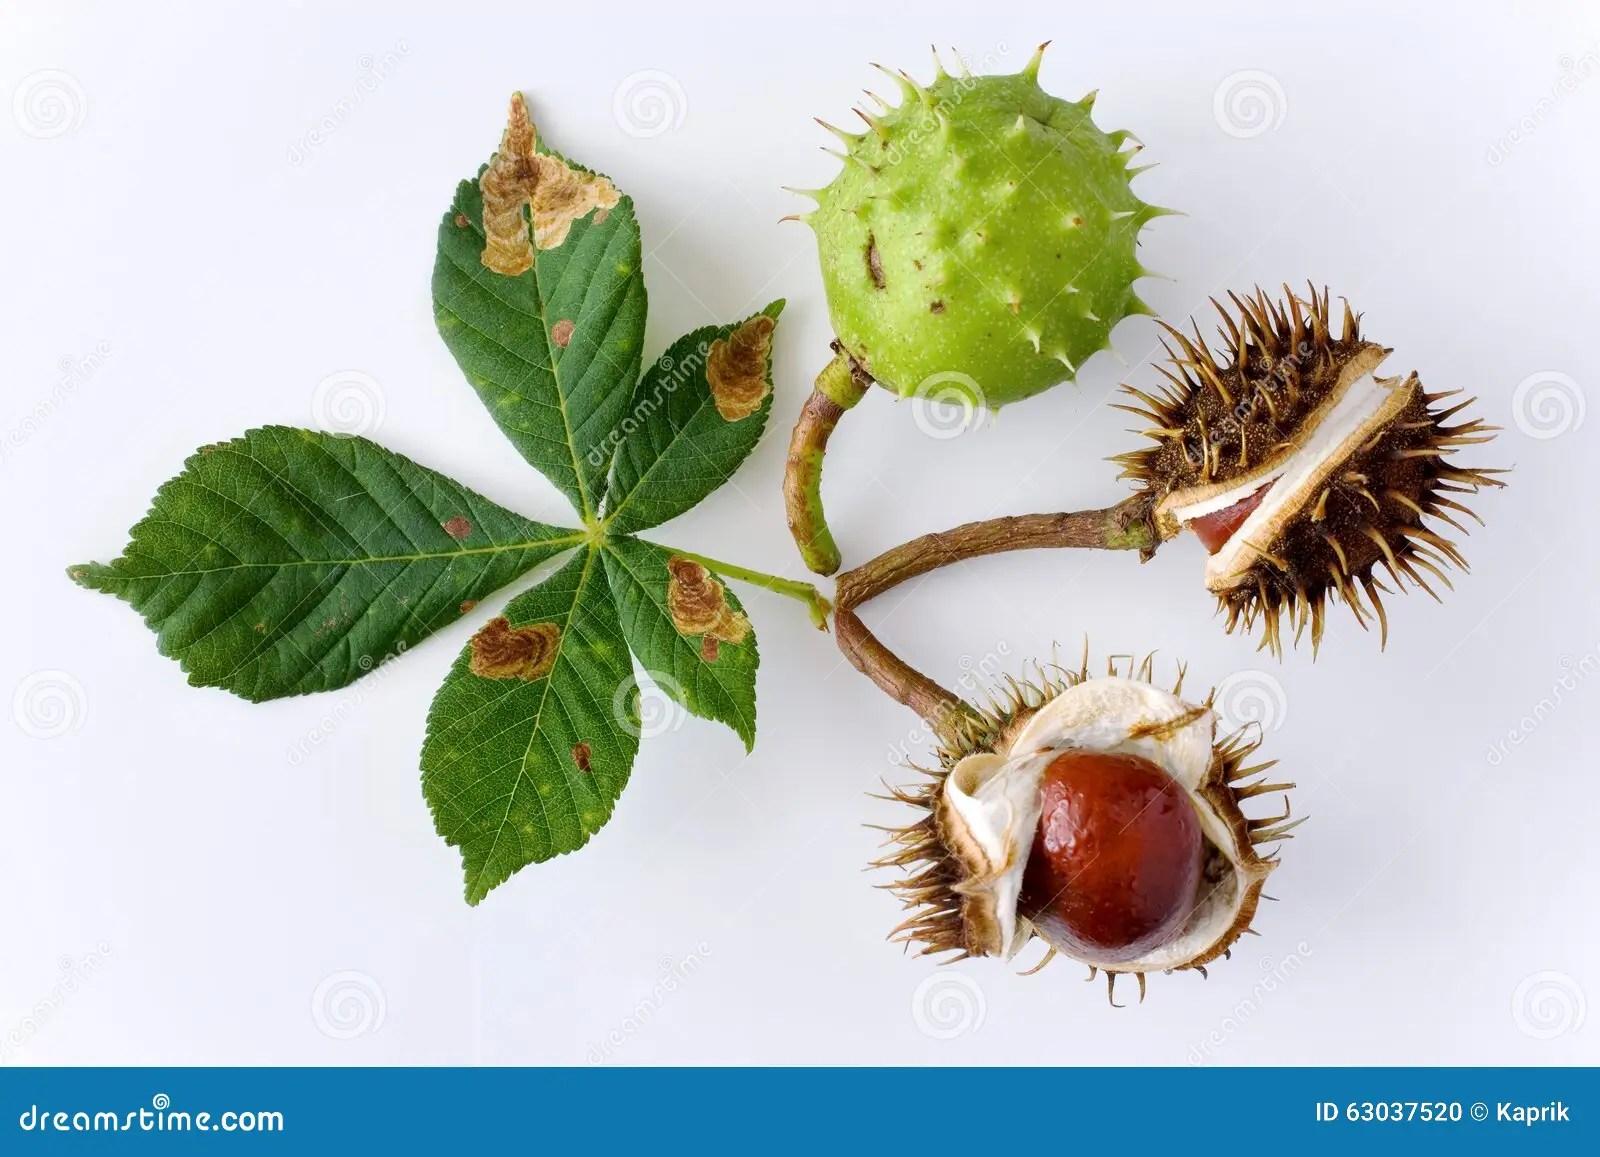 Fresh Grocer 56 Chestnut